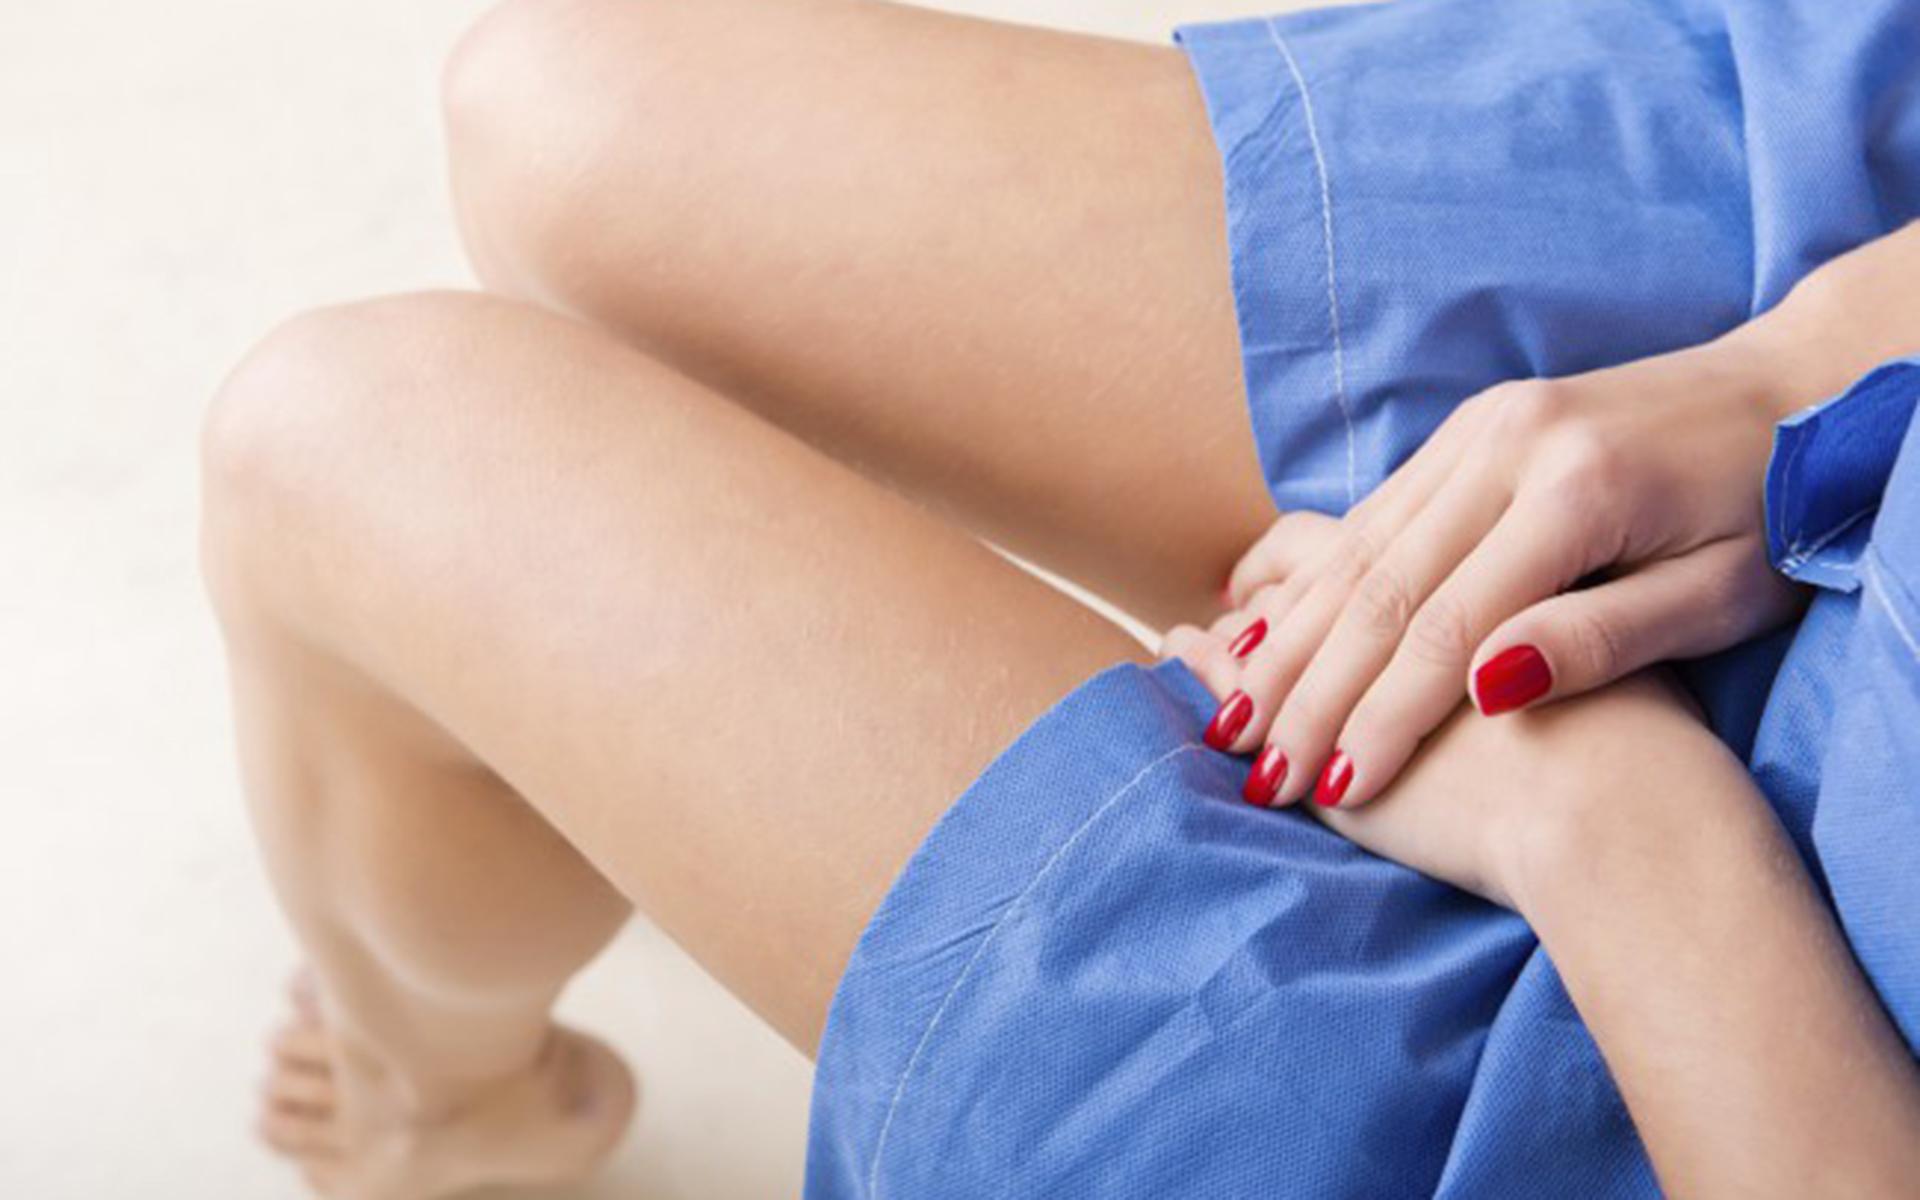 cum este tratată negi genitale?